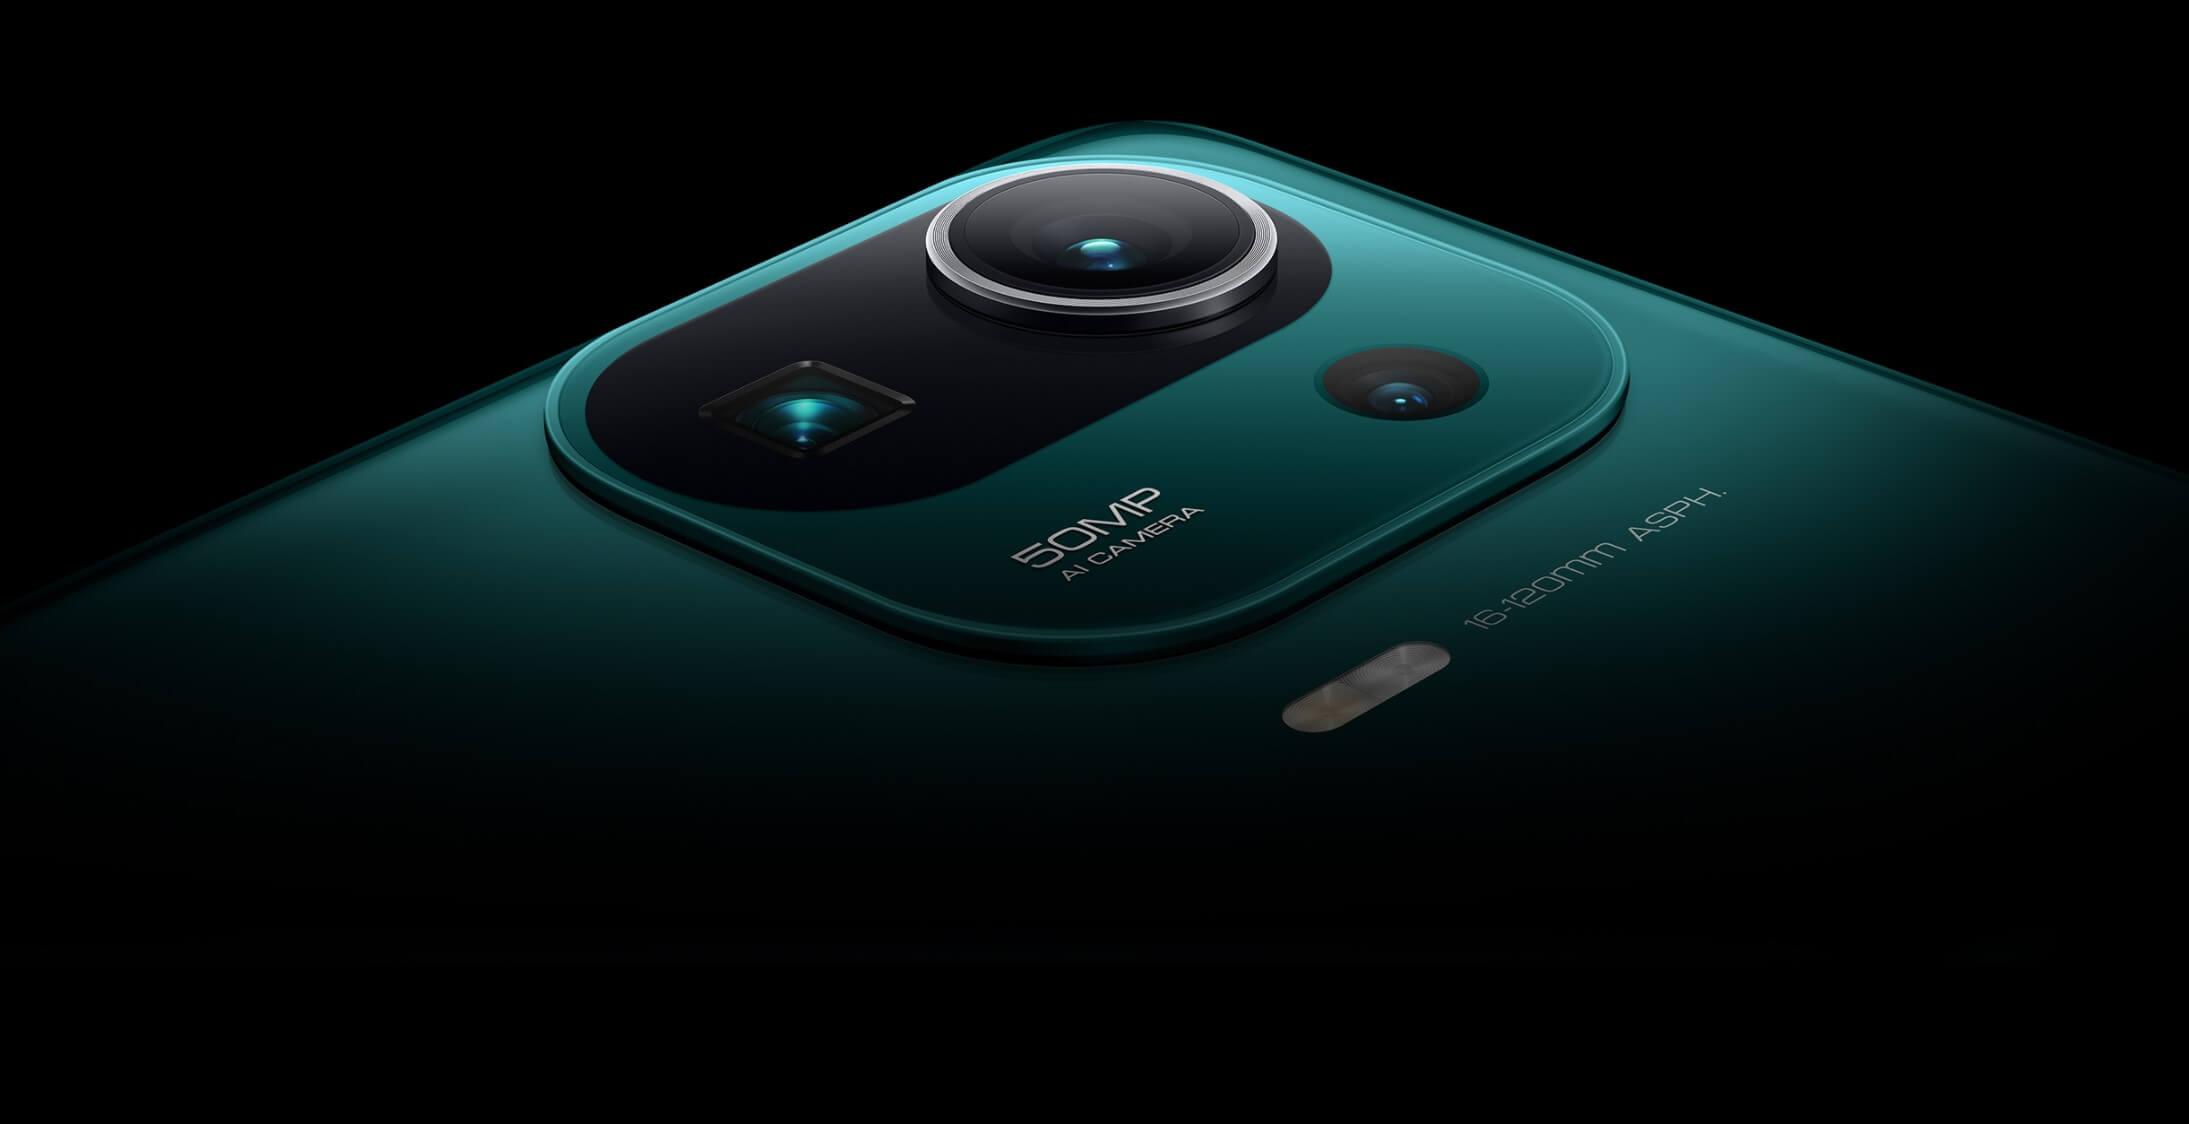 Xiaomi Mi 11 Proのカメラ画像